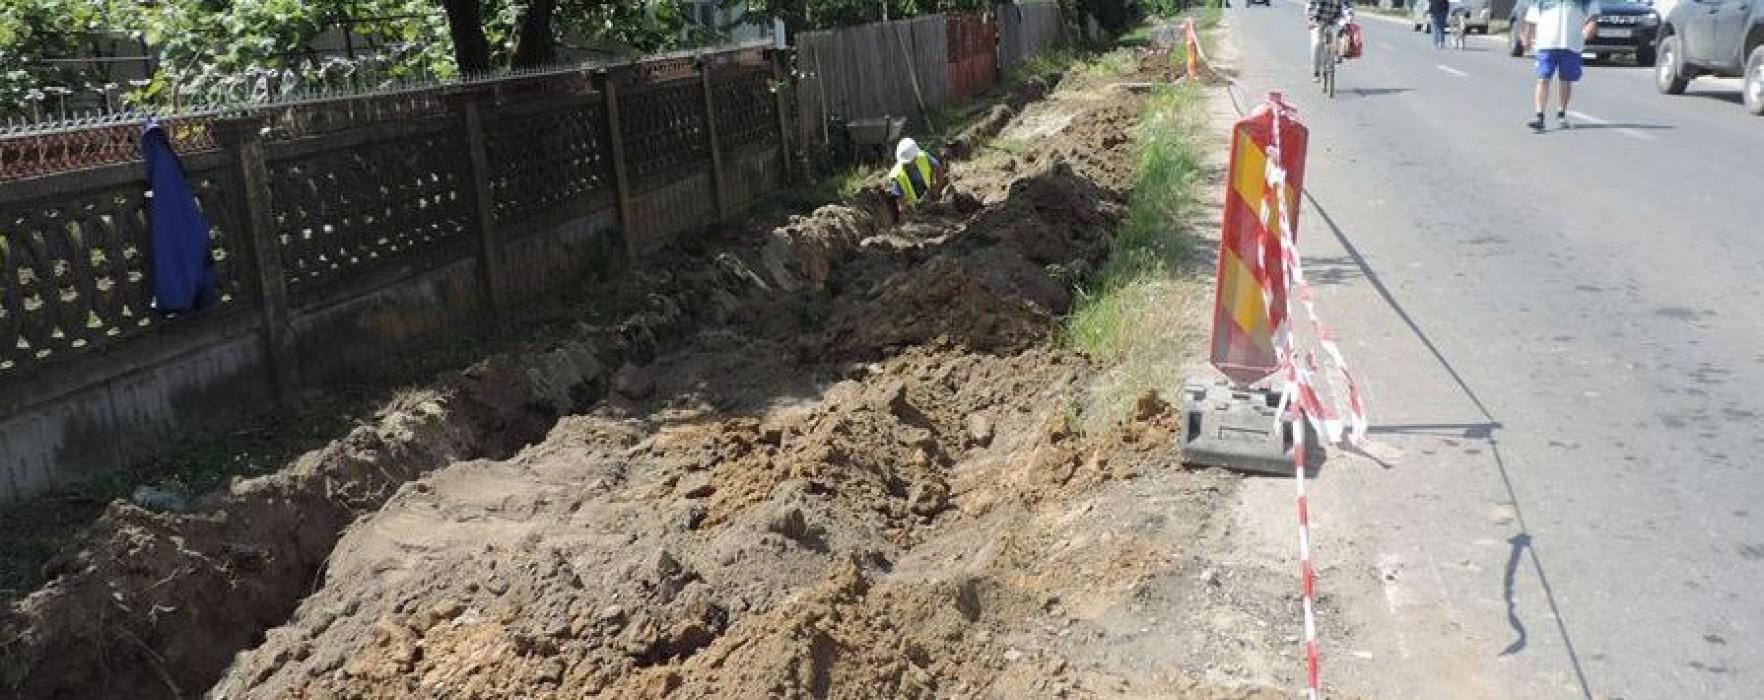 Titu: Au fost reluate lucrările la reţelele de apă şi canalizare